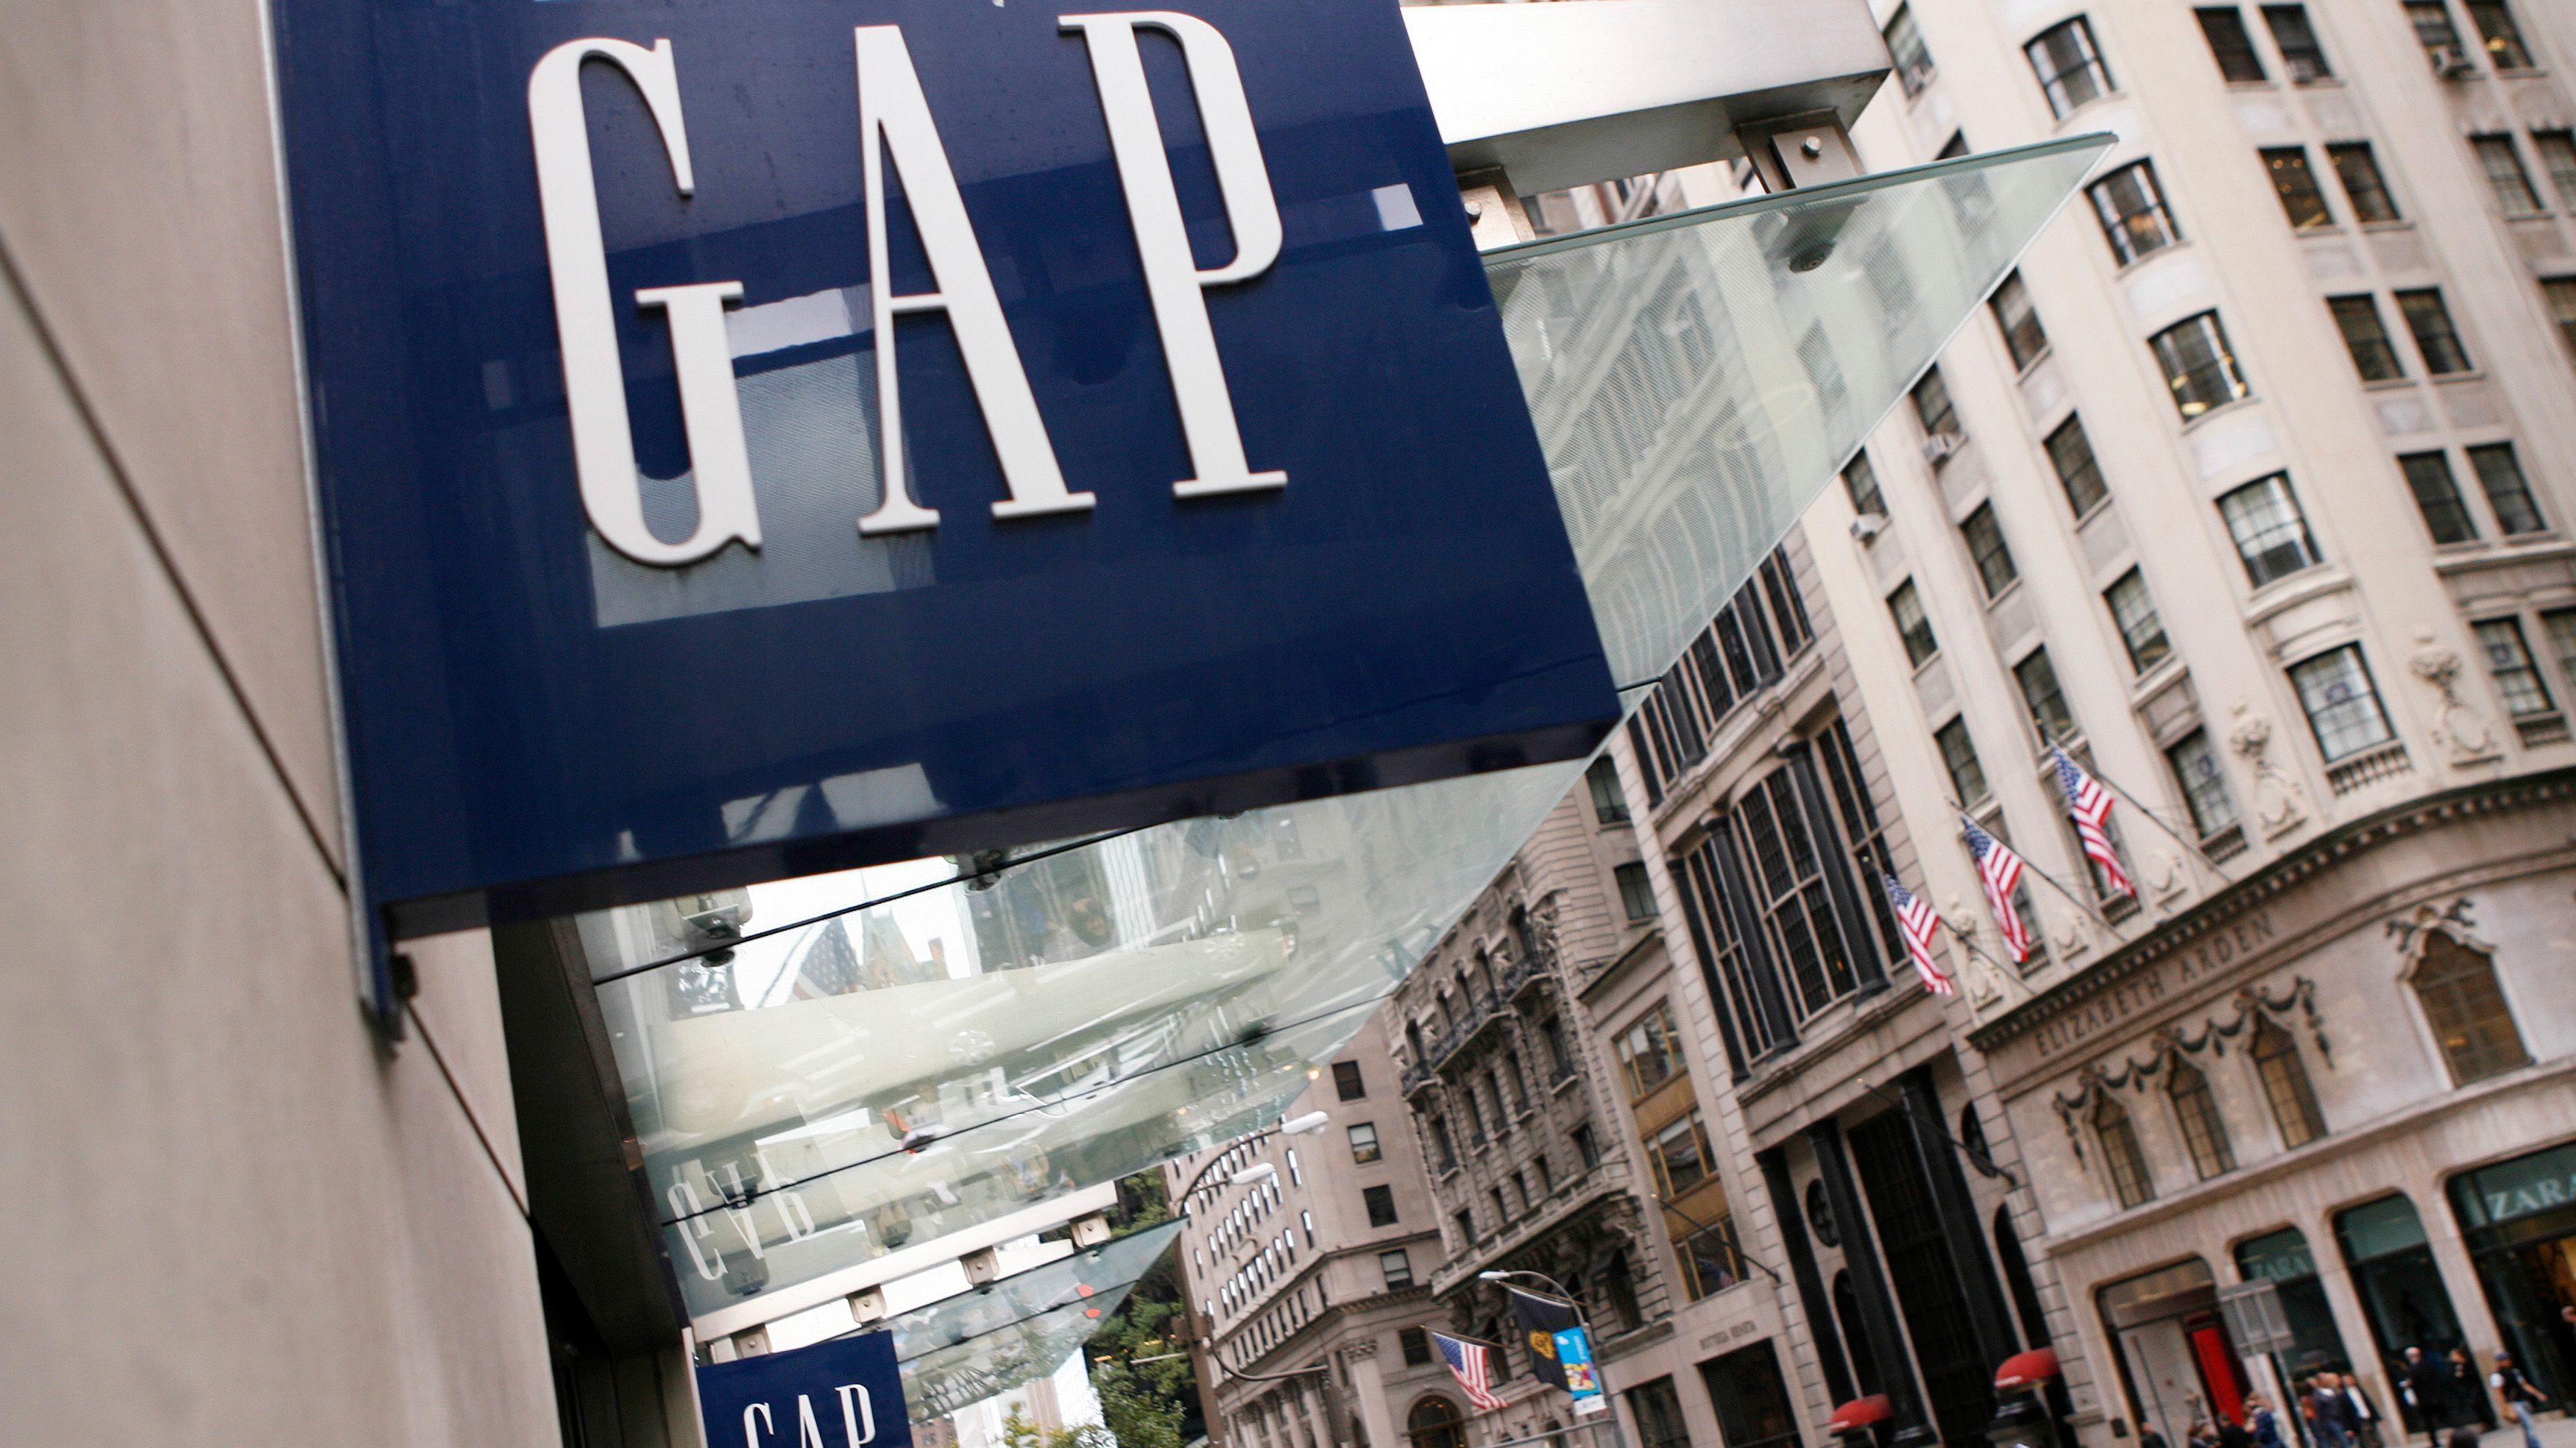 Eliminación elegante cocinar  Gap closing former flagship store at 680 Fifth Avenue in New York — Quartz